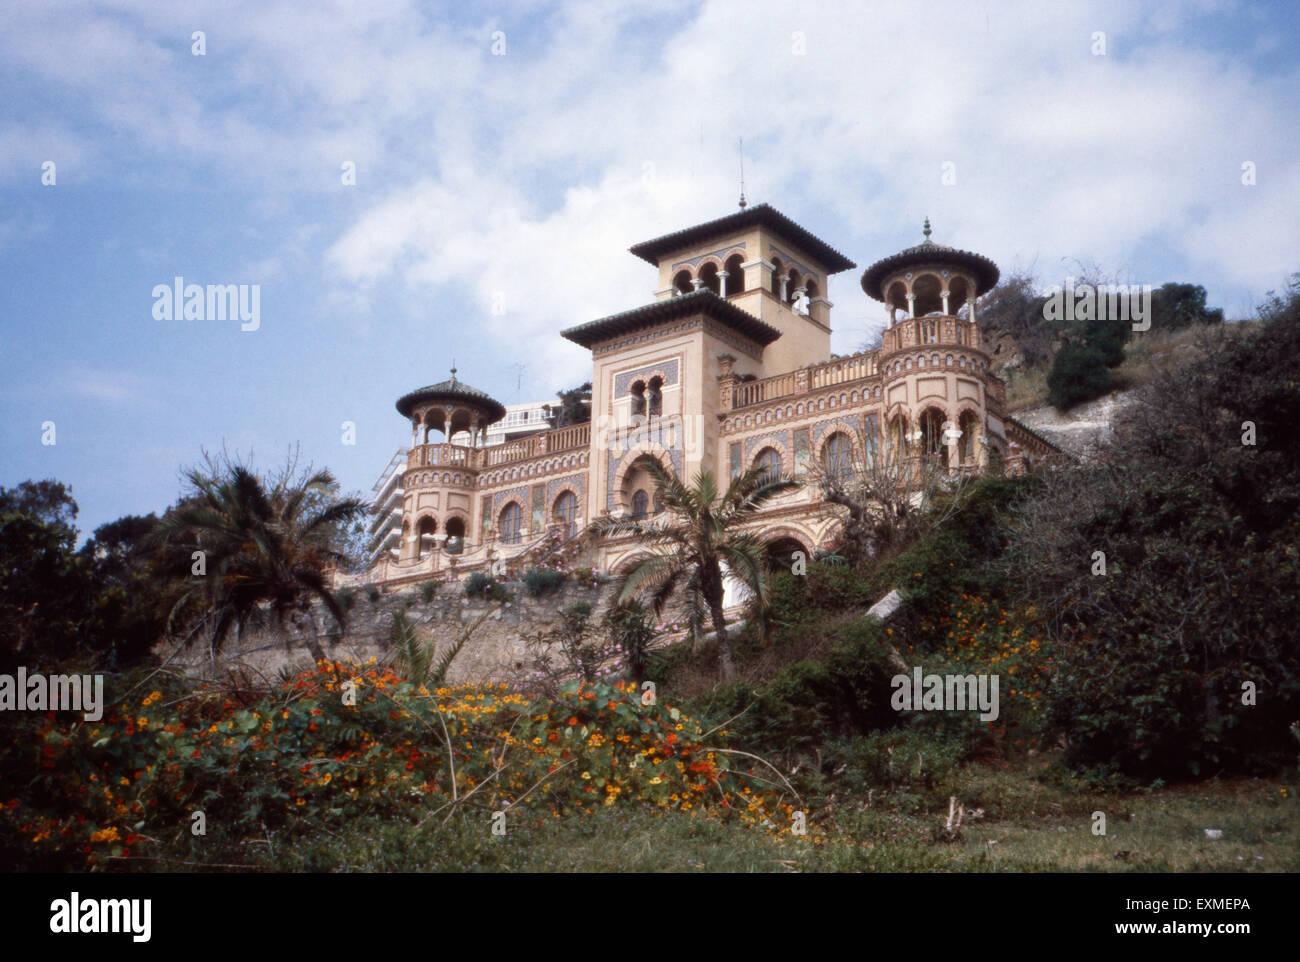 Ein Haus Im Arabischen Stil In Torremolinos An Der Costa Del Sol